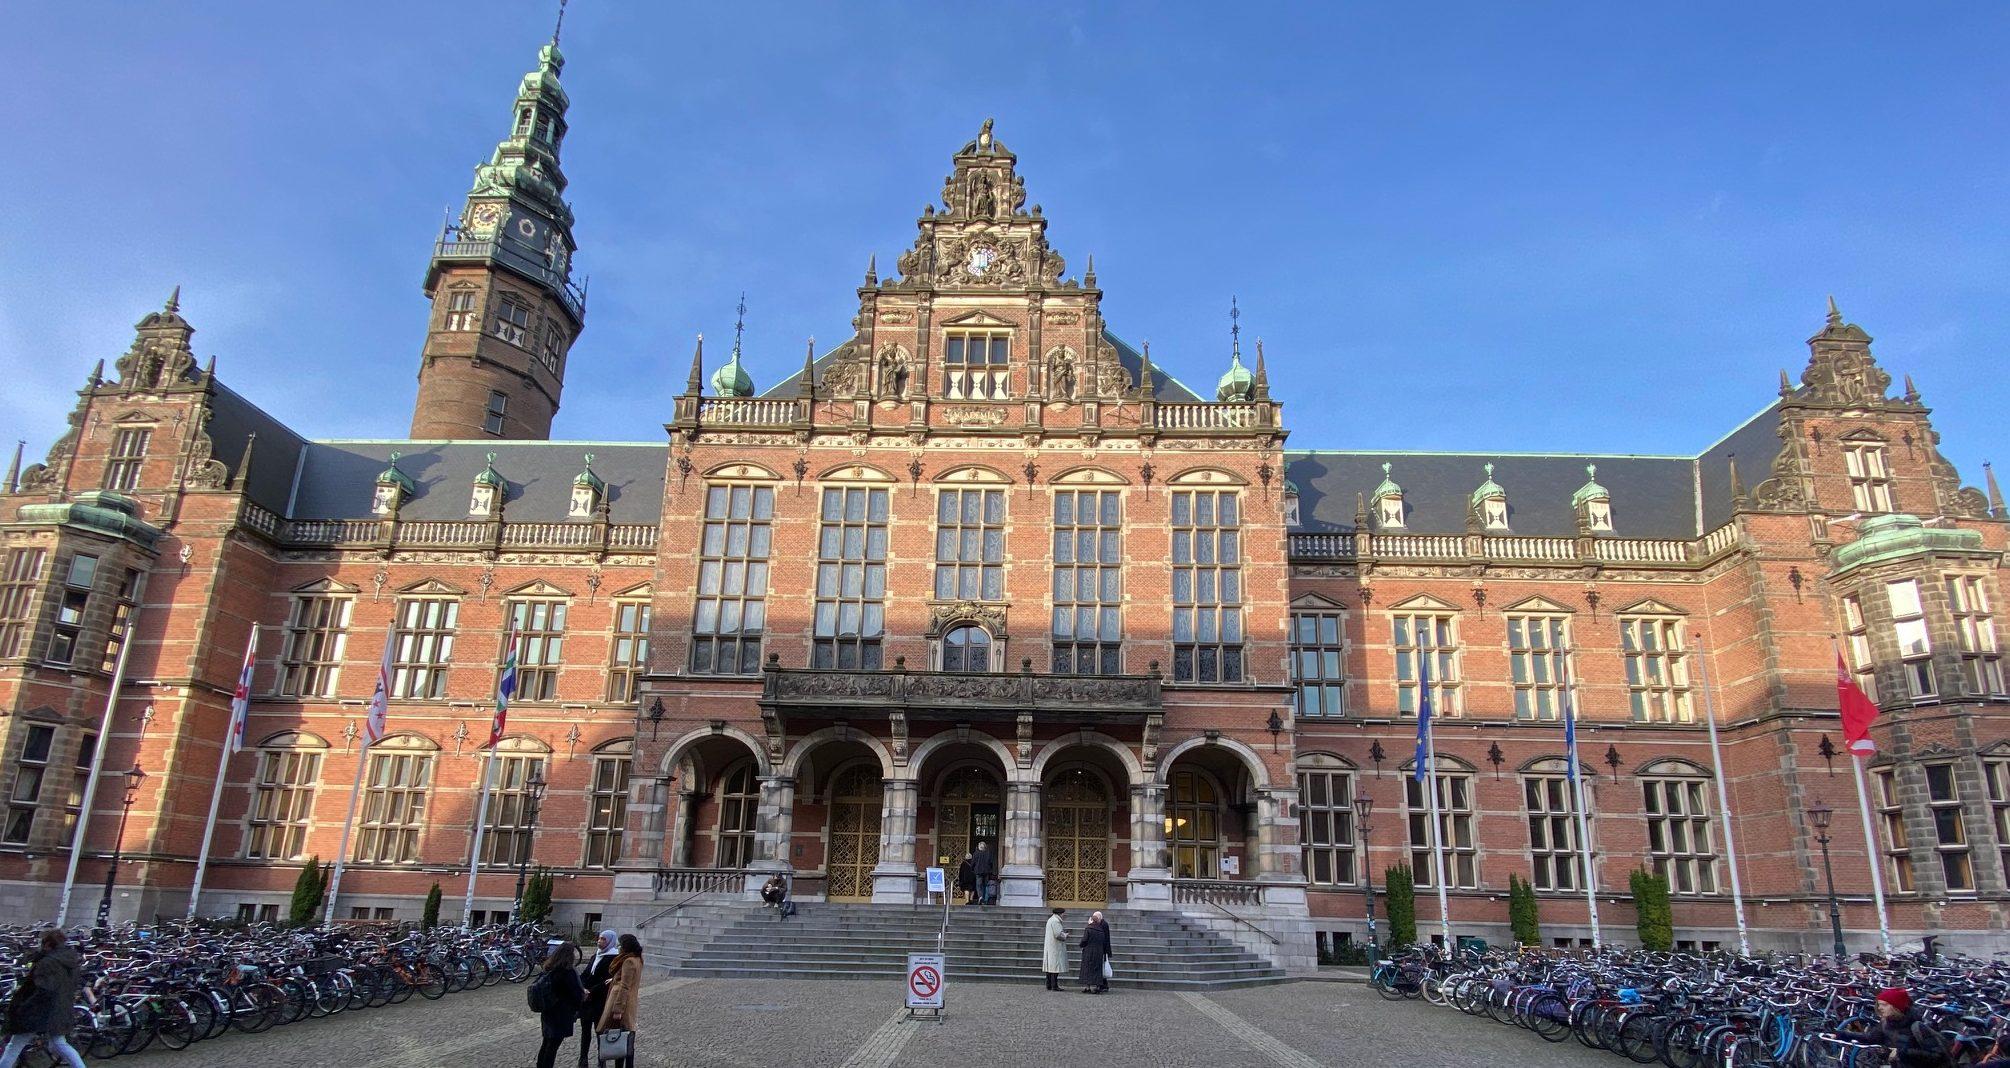 Foto.Academiegebouw - - van Swaaij Cassastie & Consultancy - cassatieadvocaat - cassatie advocaat